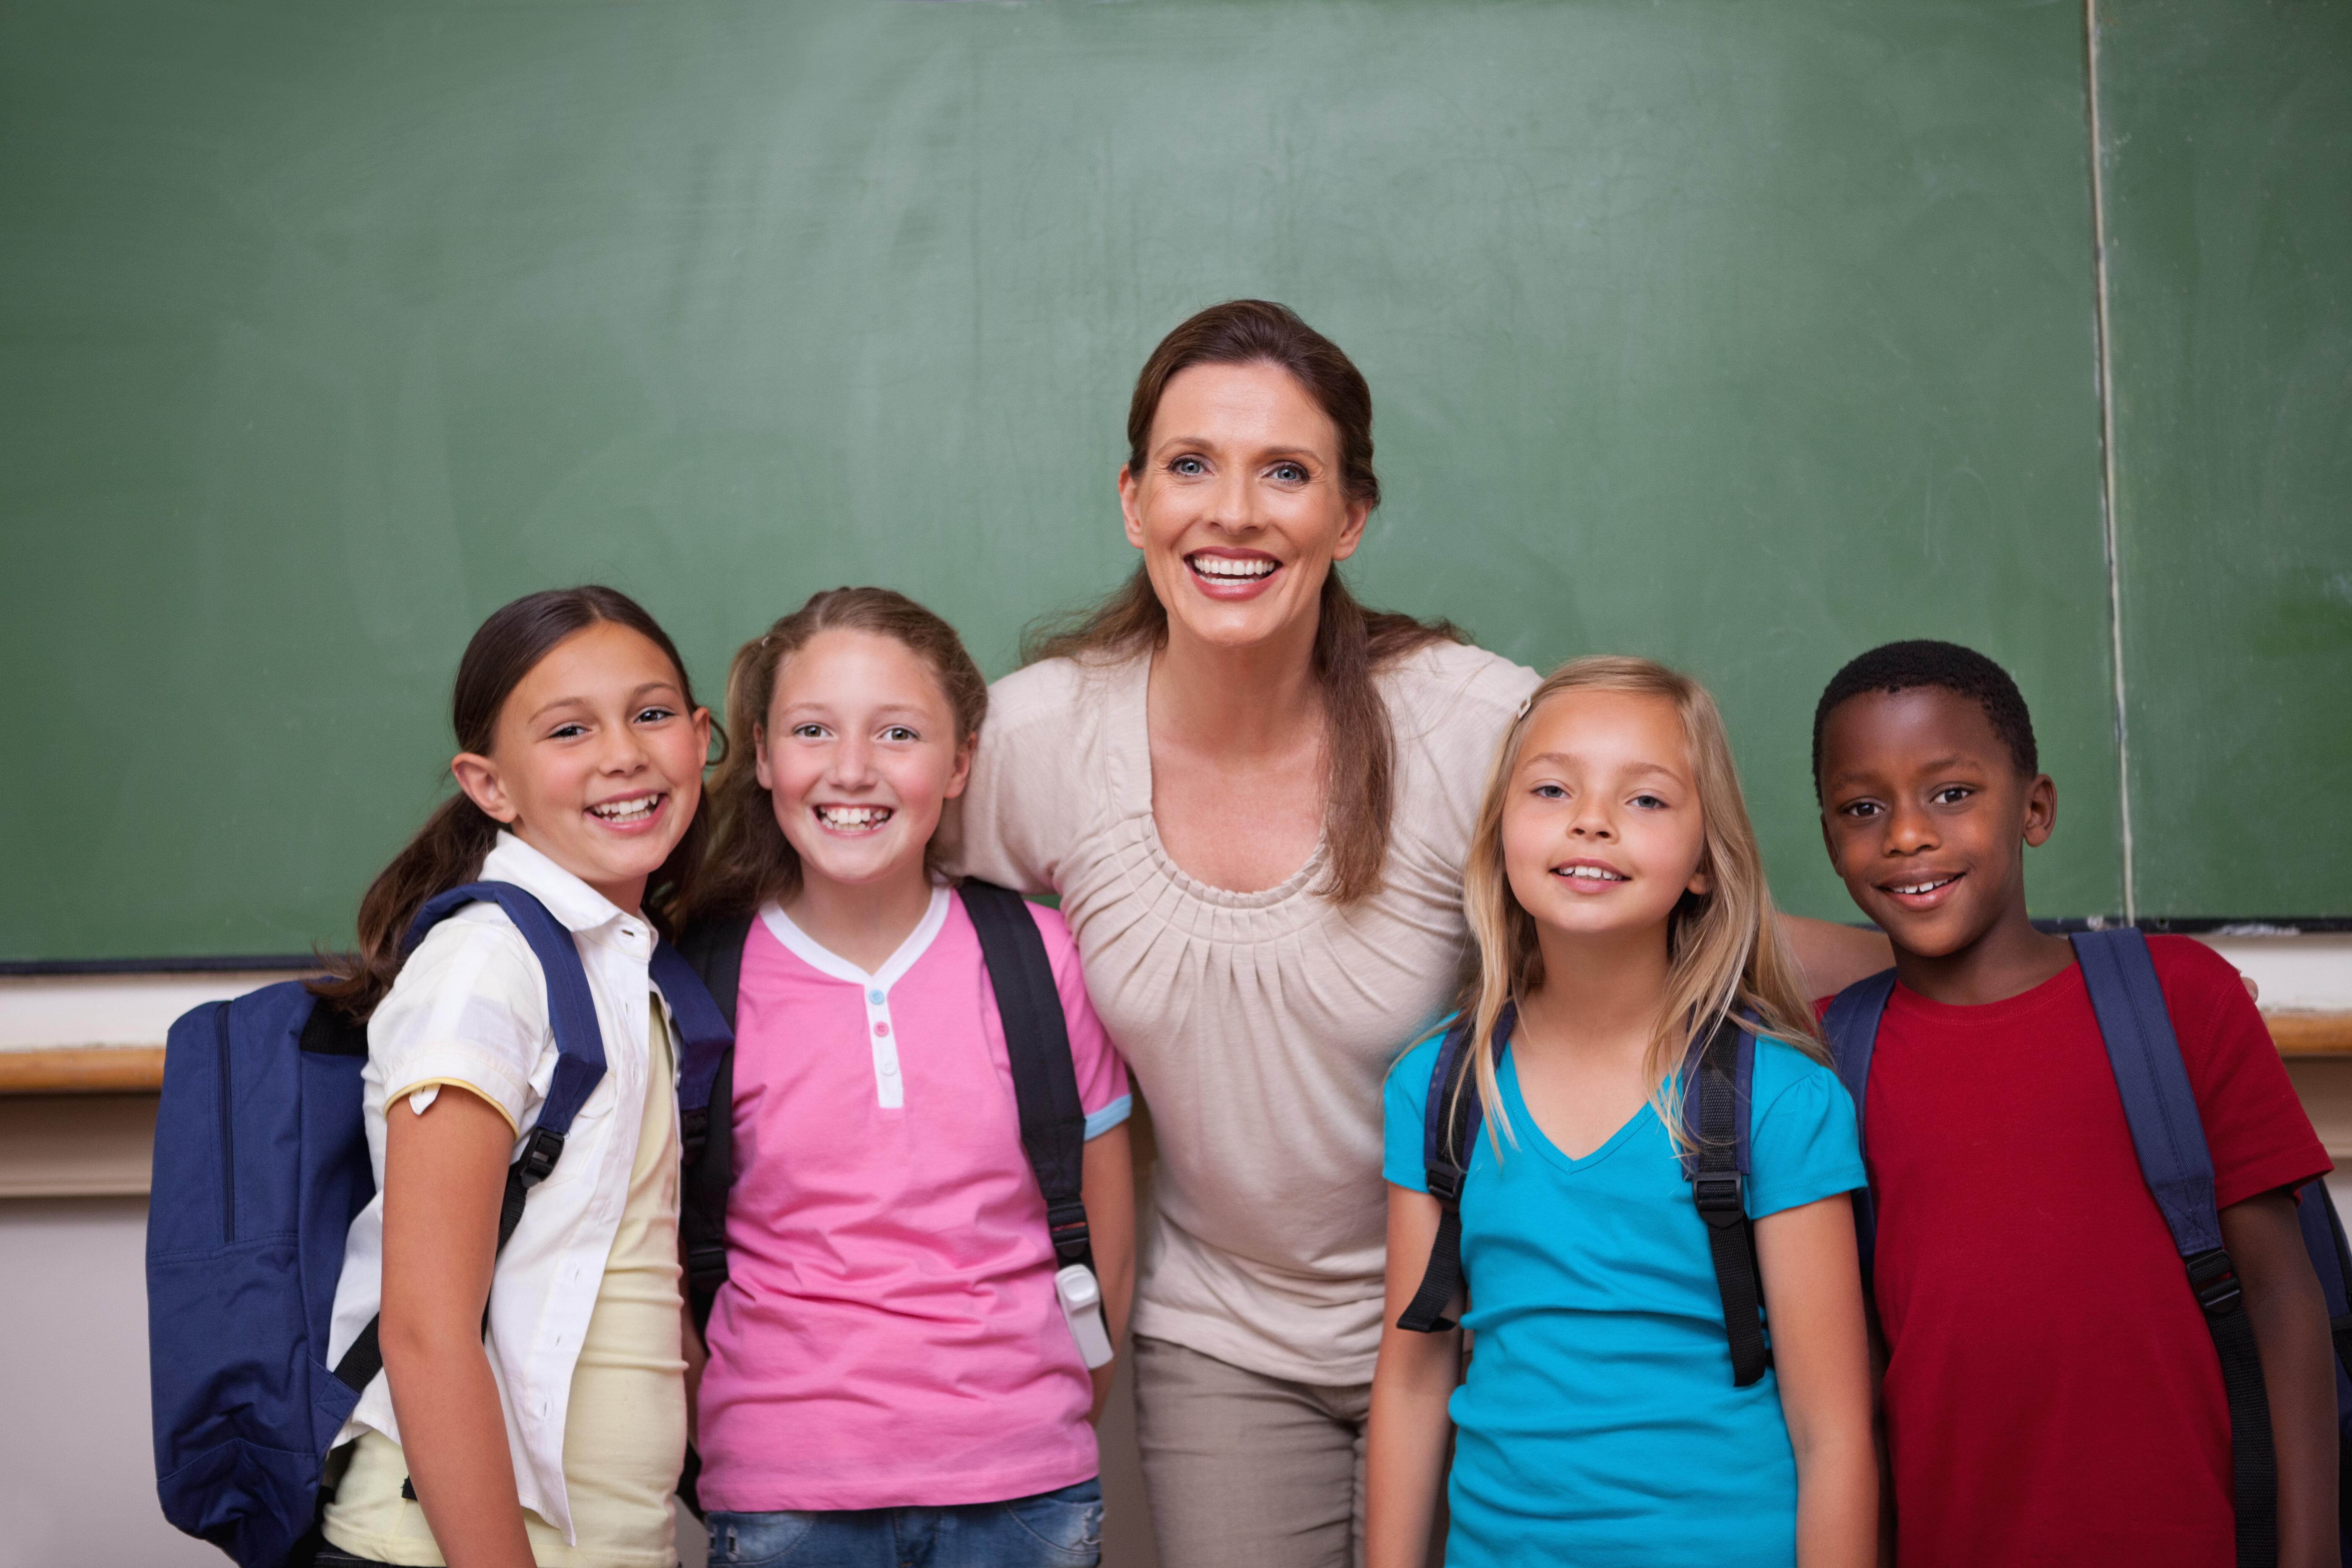 Schoolteacher posing with her pupils